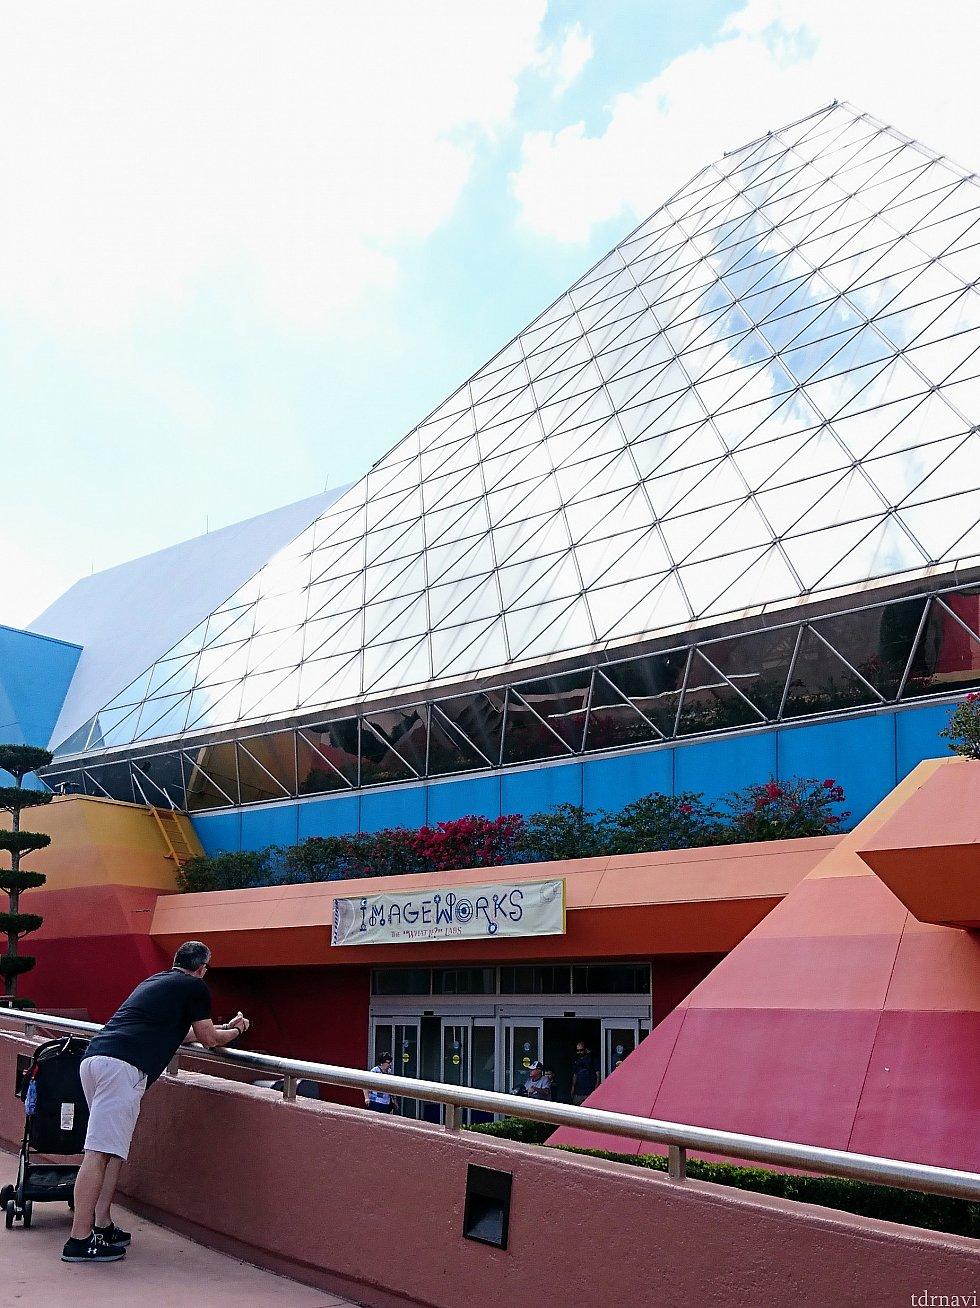 建物側面に「イメージワークス」の出入口。